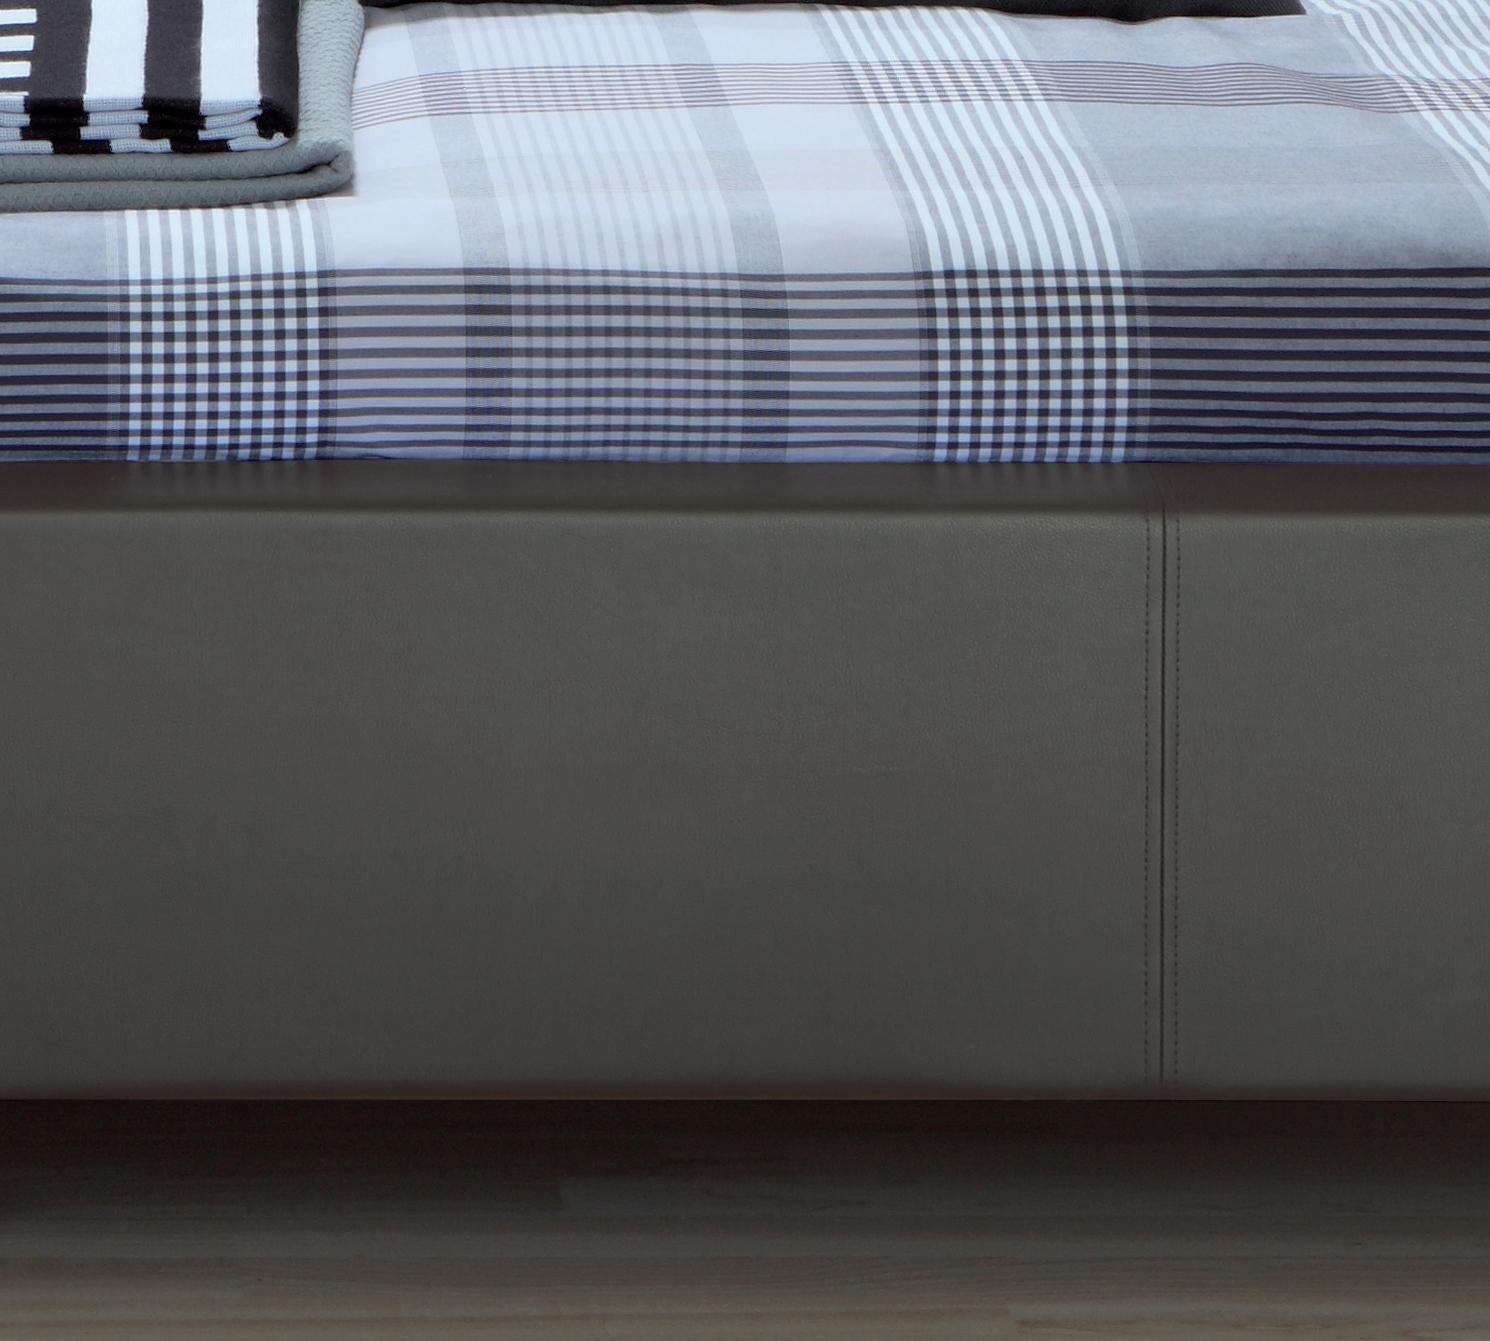 lederbett 140x200 cm ma e in wei polsterbett gordon. Black Bedroom Furniture Sets. Home Design Ideas